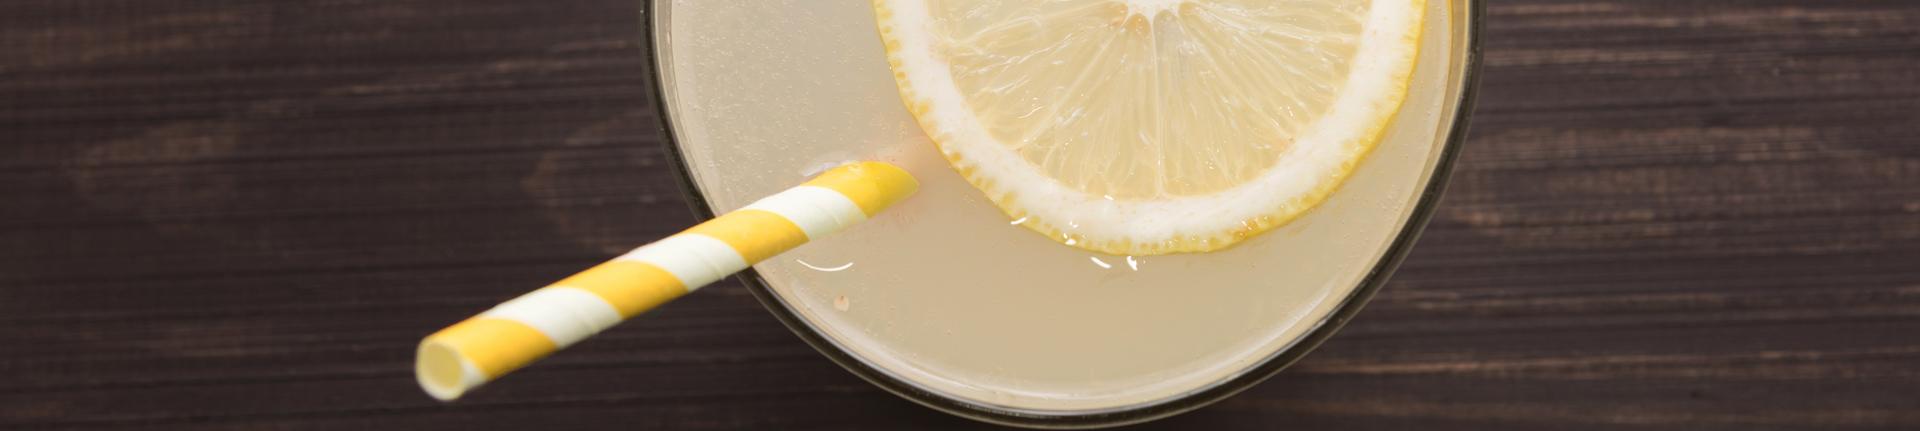 Superação: se a vida te der um limão, faça uma limonada!